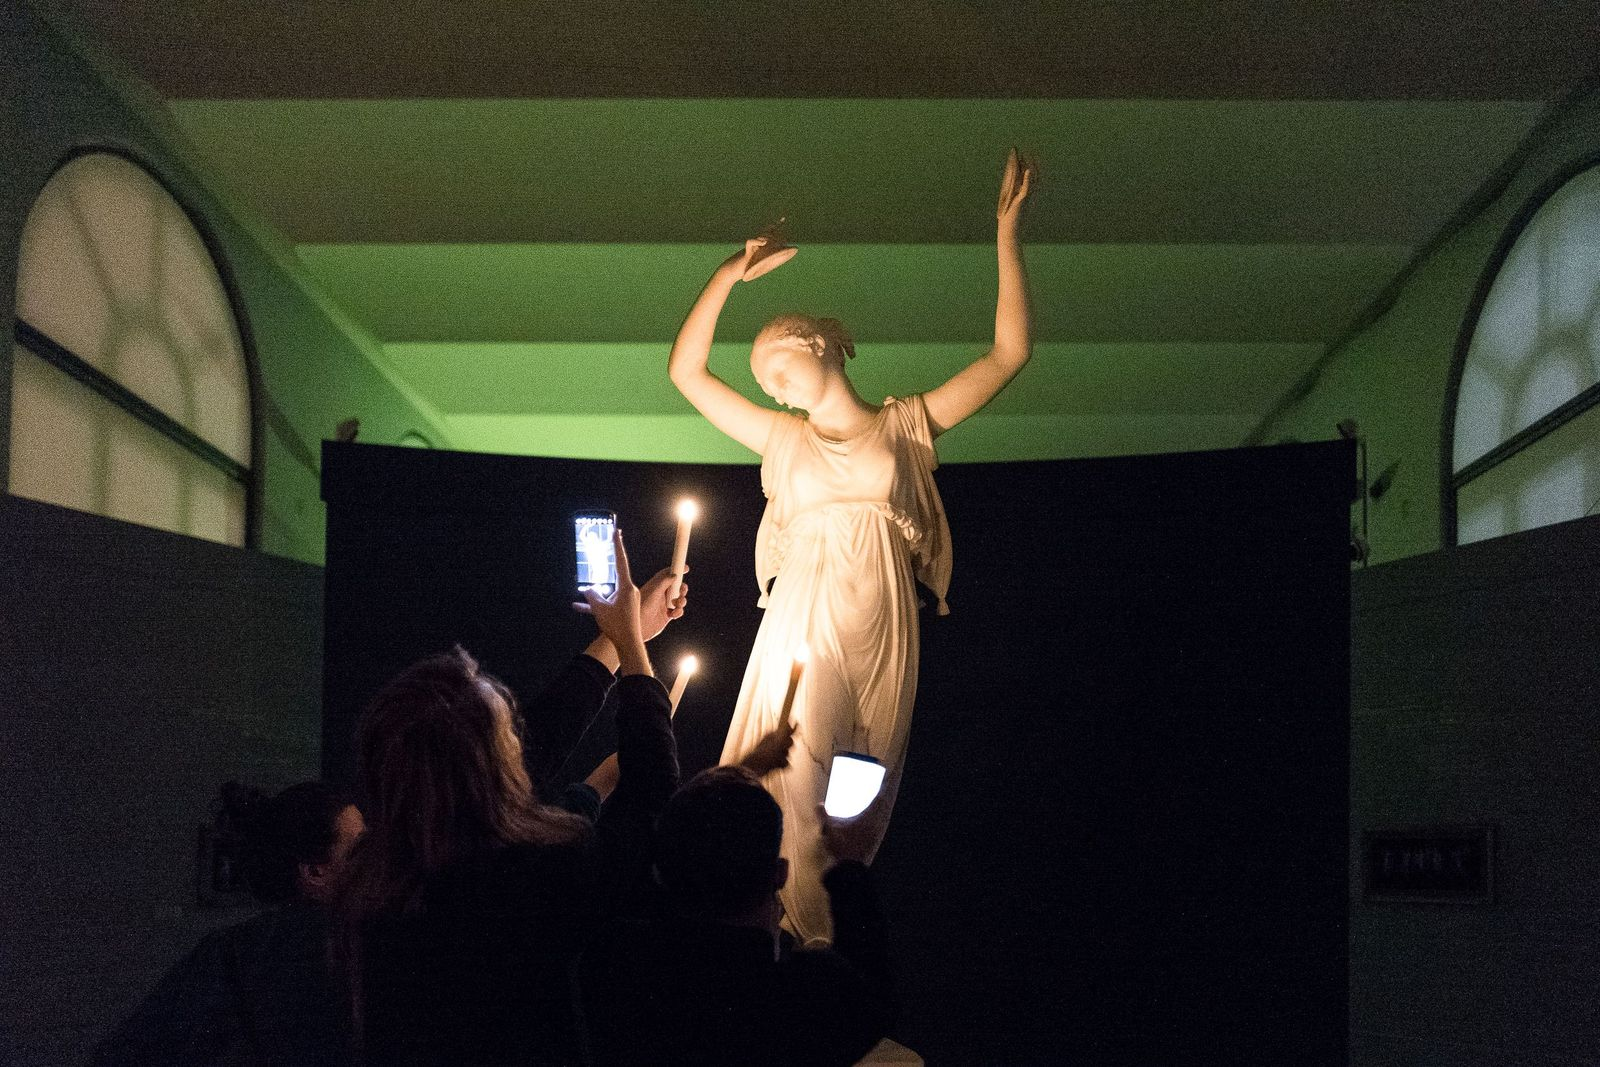 Canovas Berliner Tänzerin ist ein Star - damals wie heute. Foto: Christoph Neumann, www.christoph-neumann.com